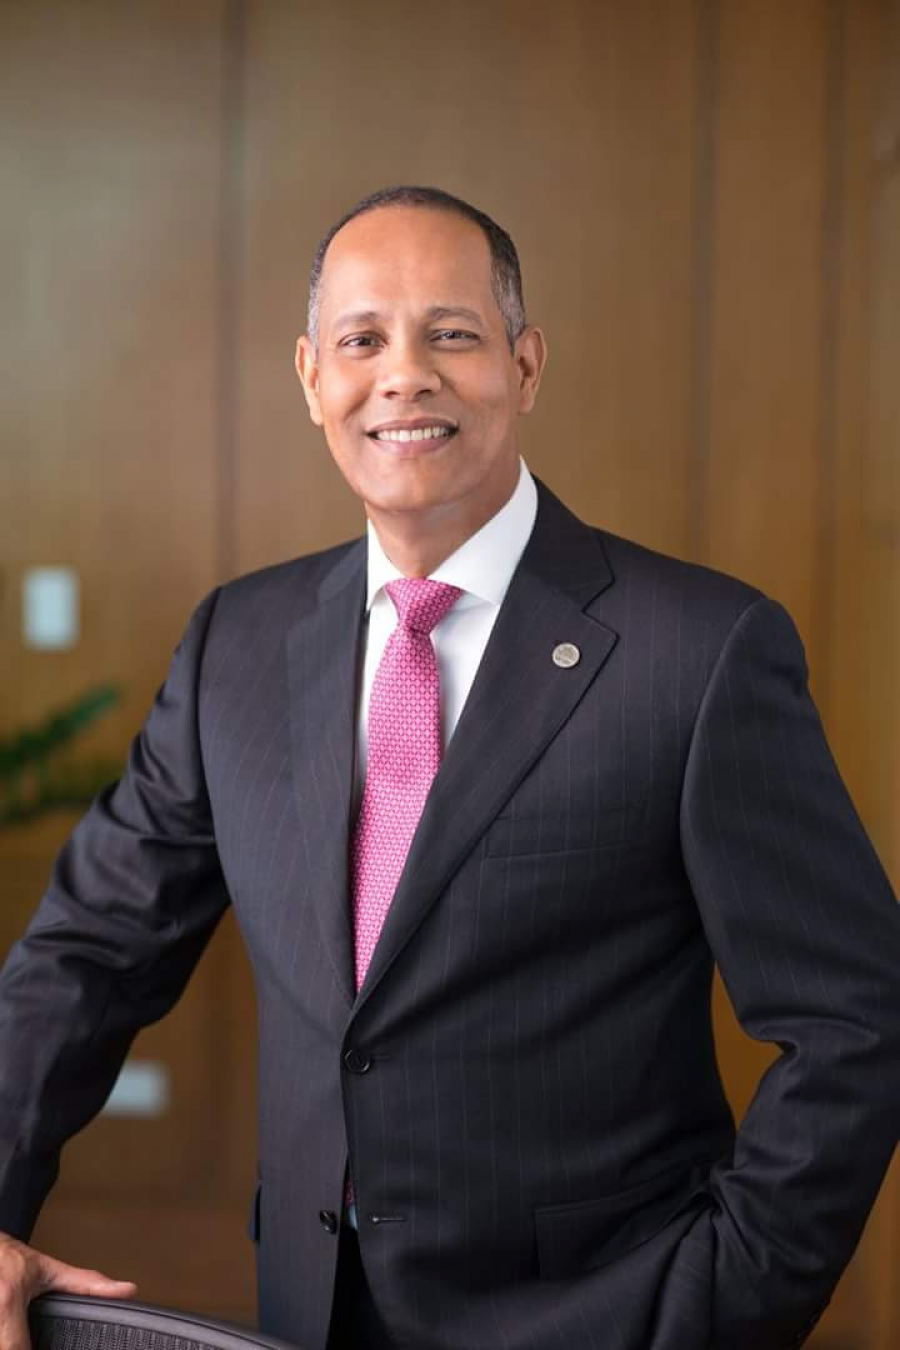 Director de la OPTIC, Ing. Armando García, sonriendo